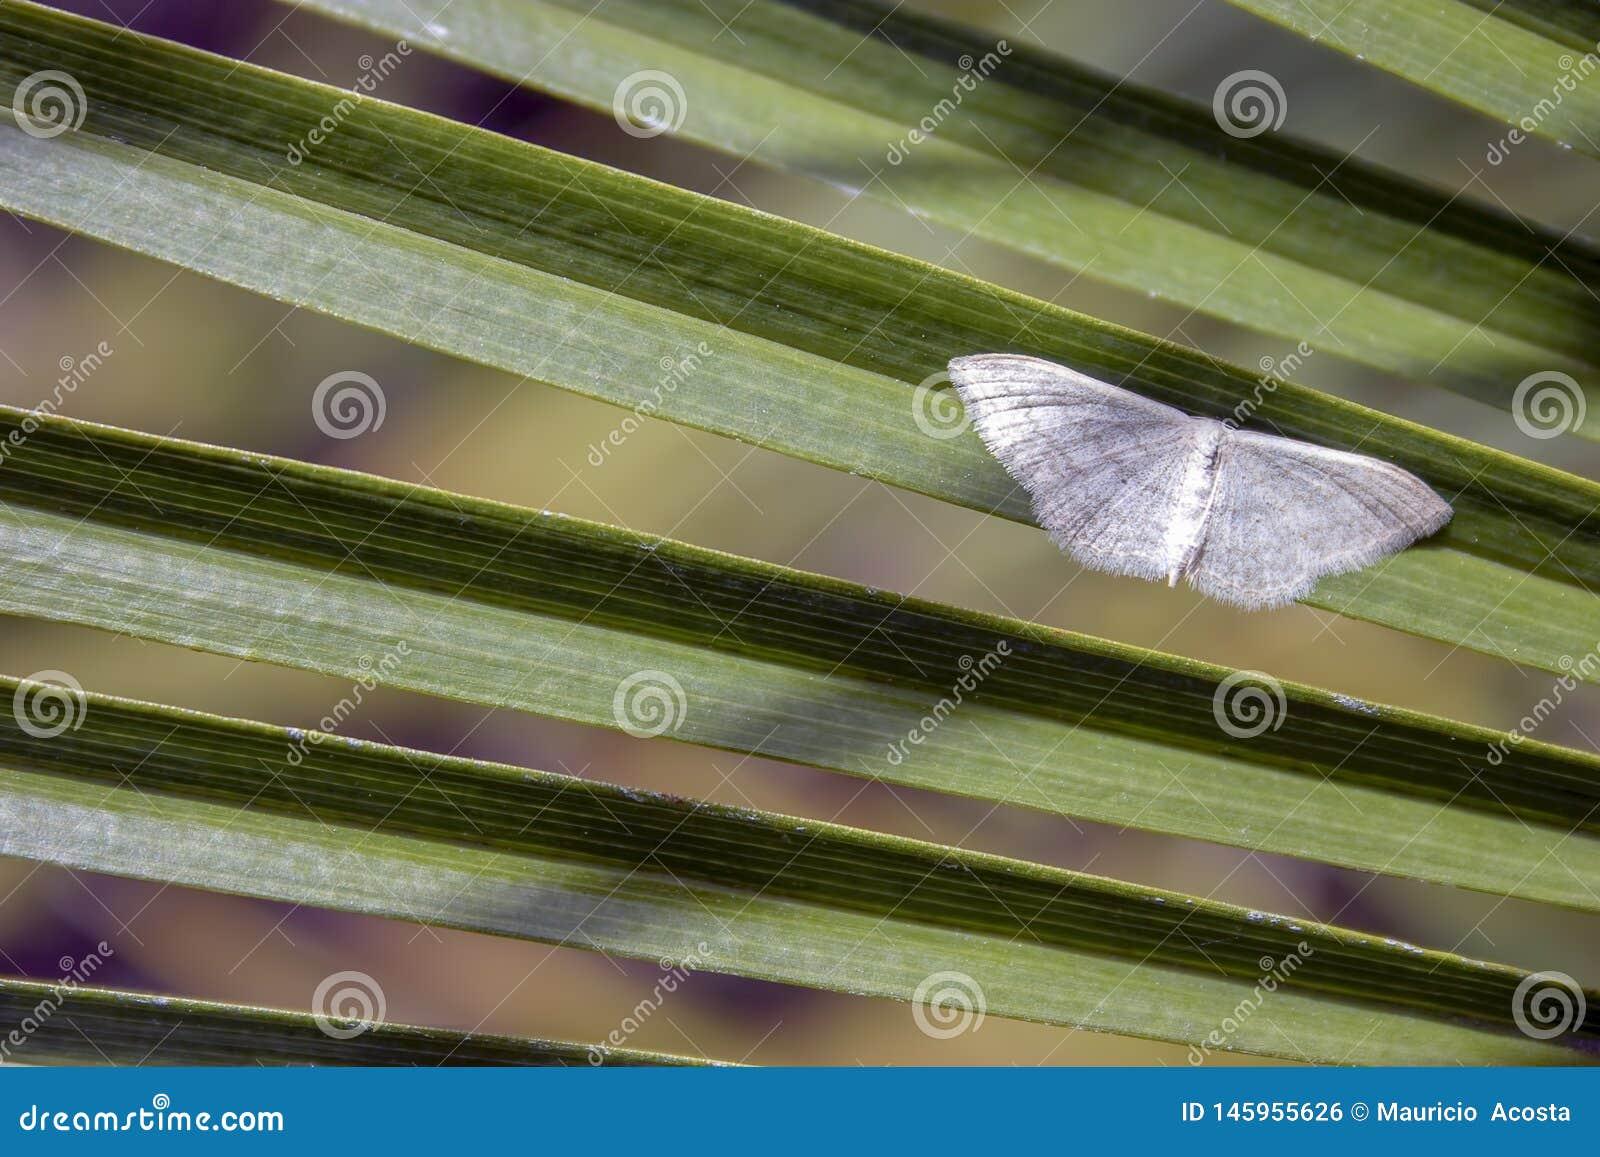 Vit vågmal på ett palmträdblad